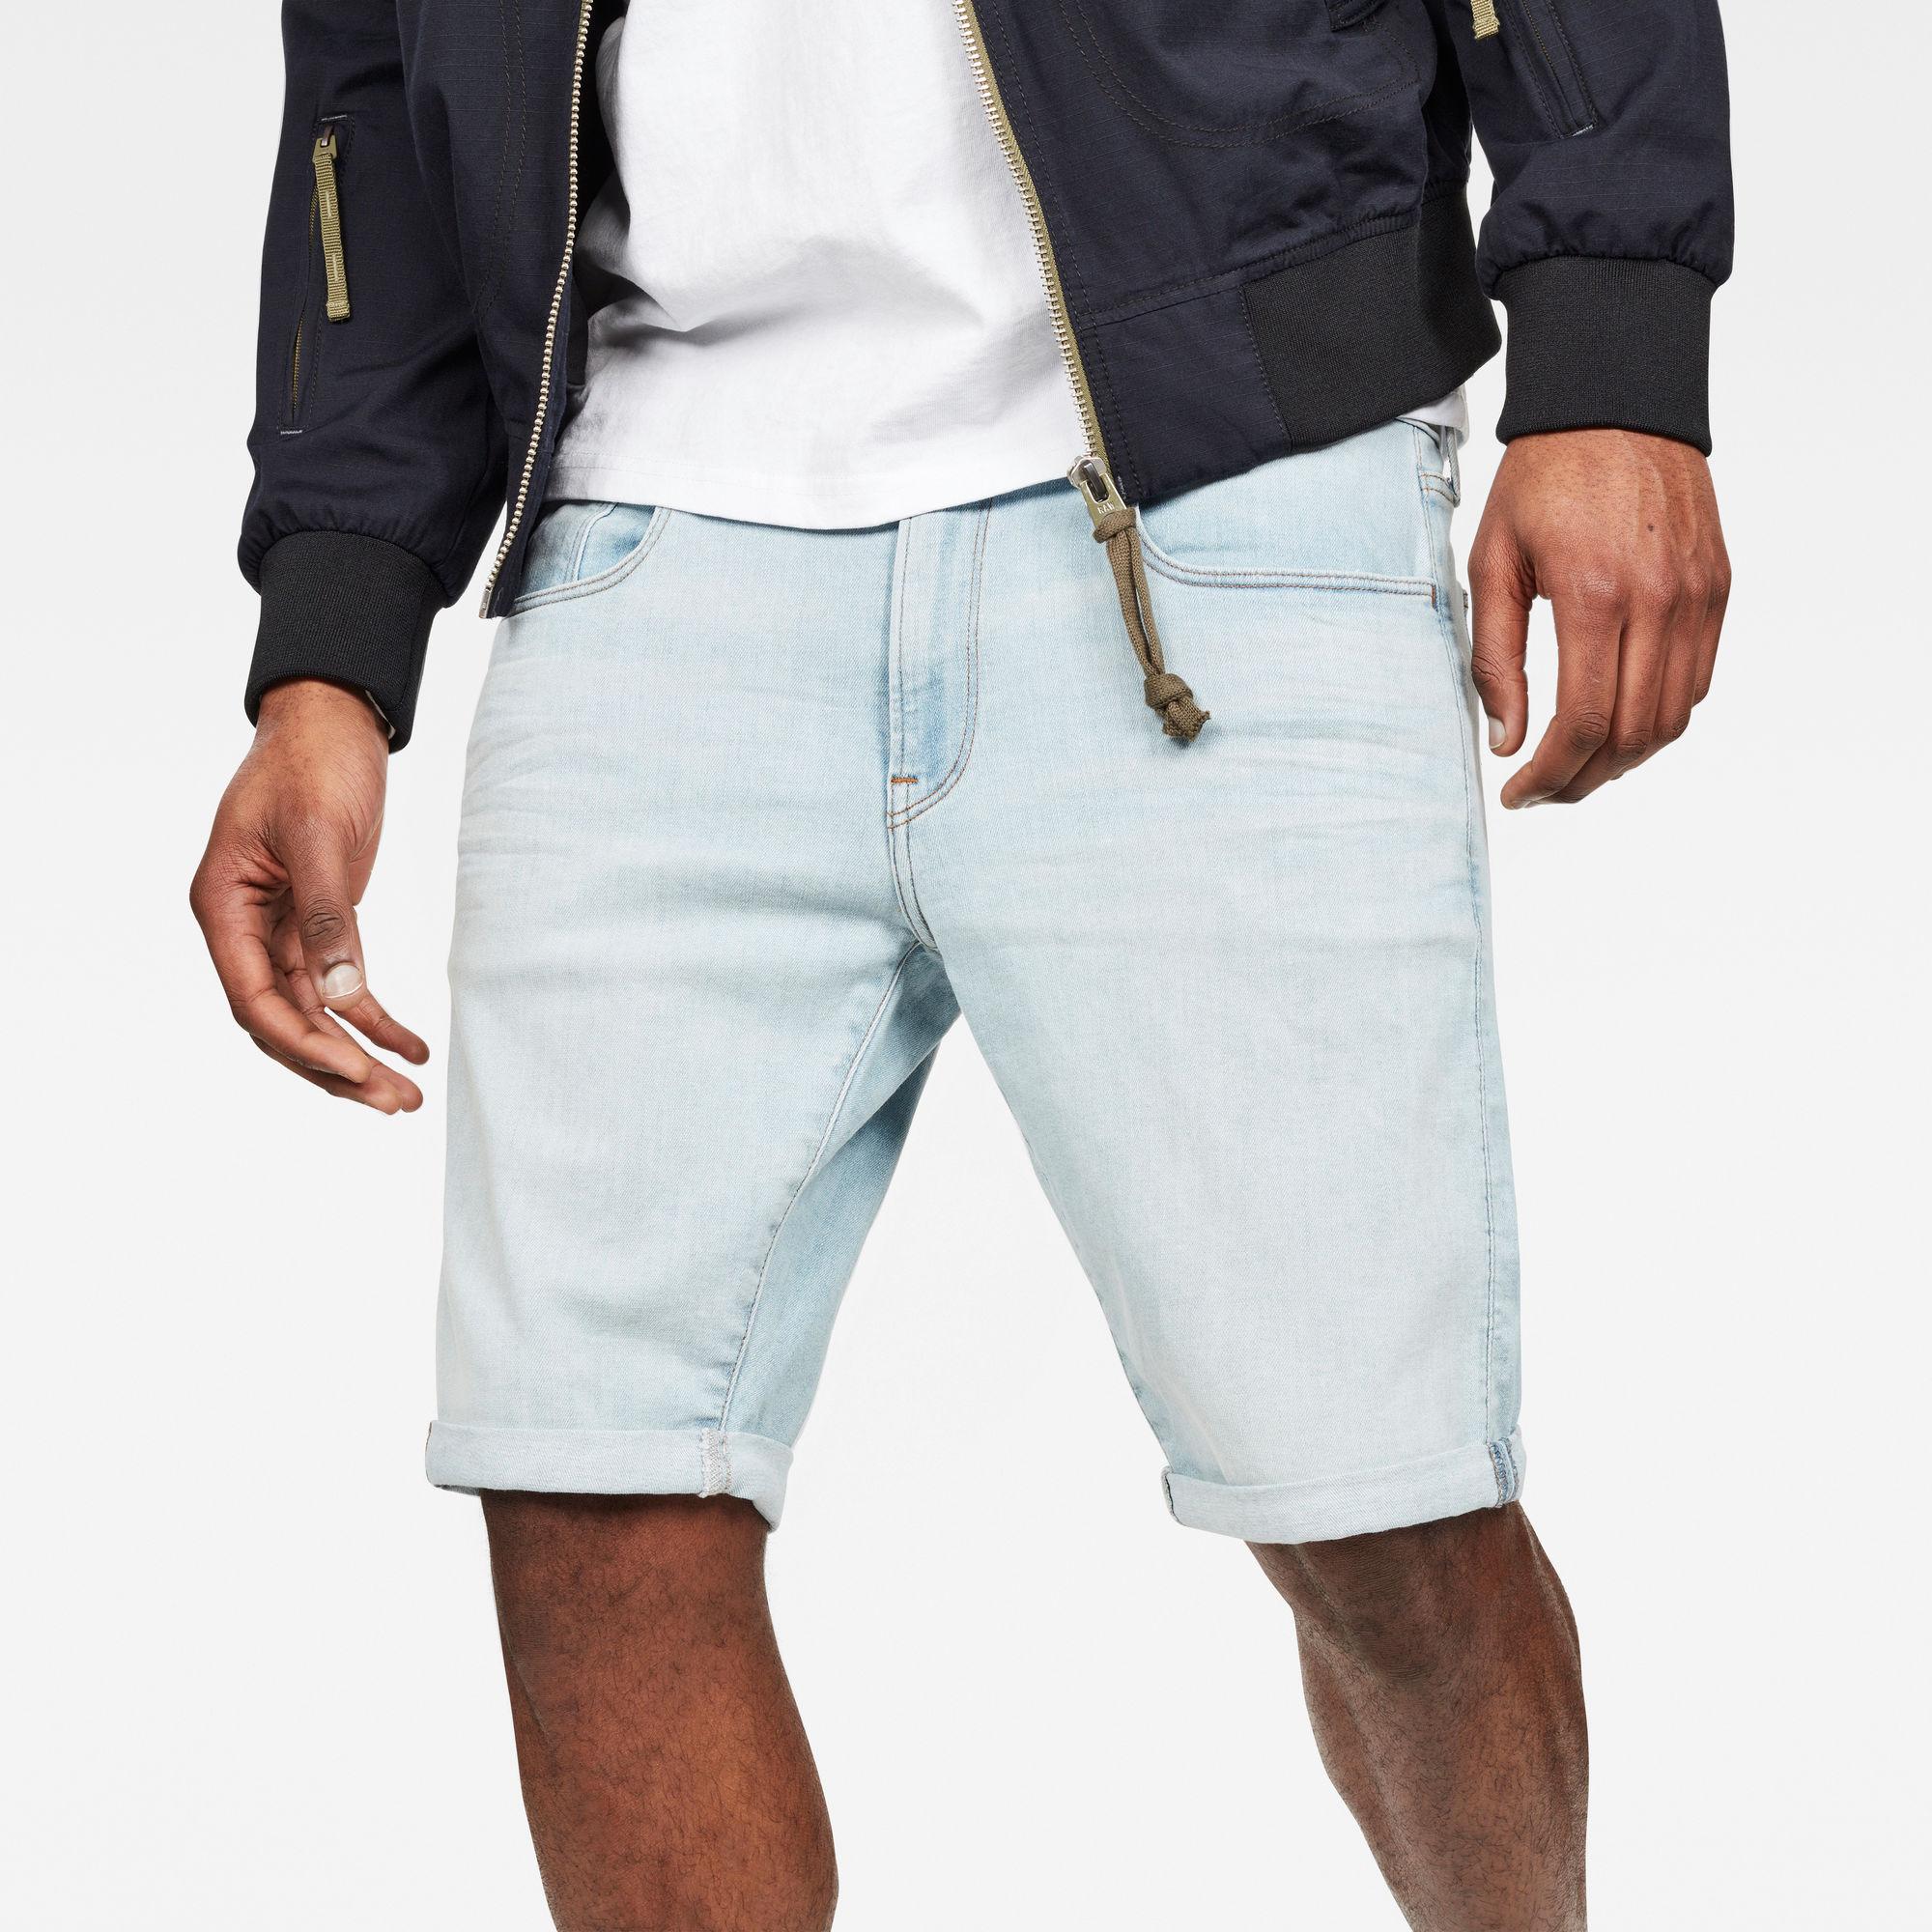 3301 Slim 1 2-Length Shorts